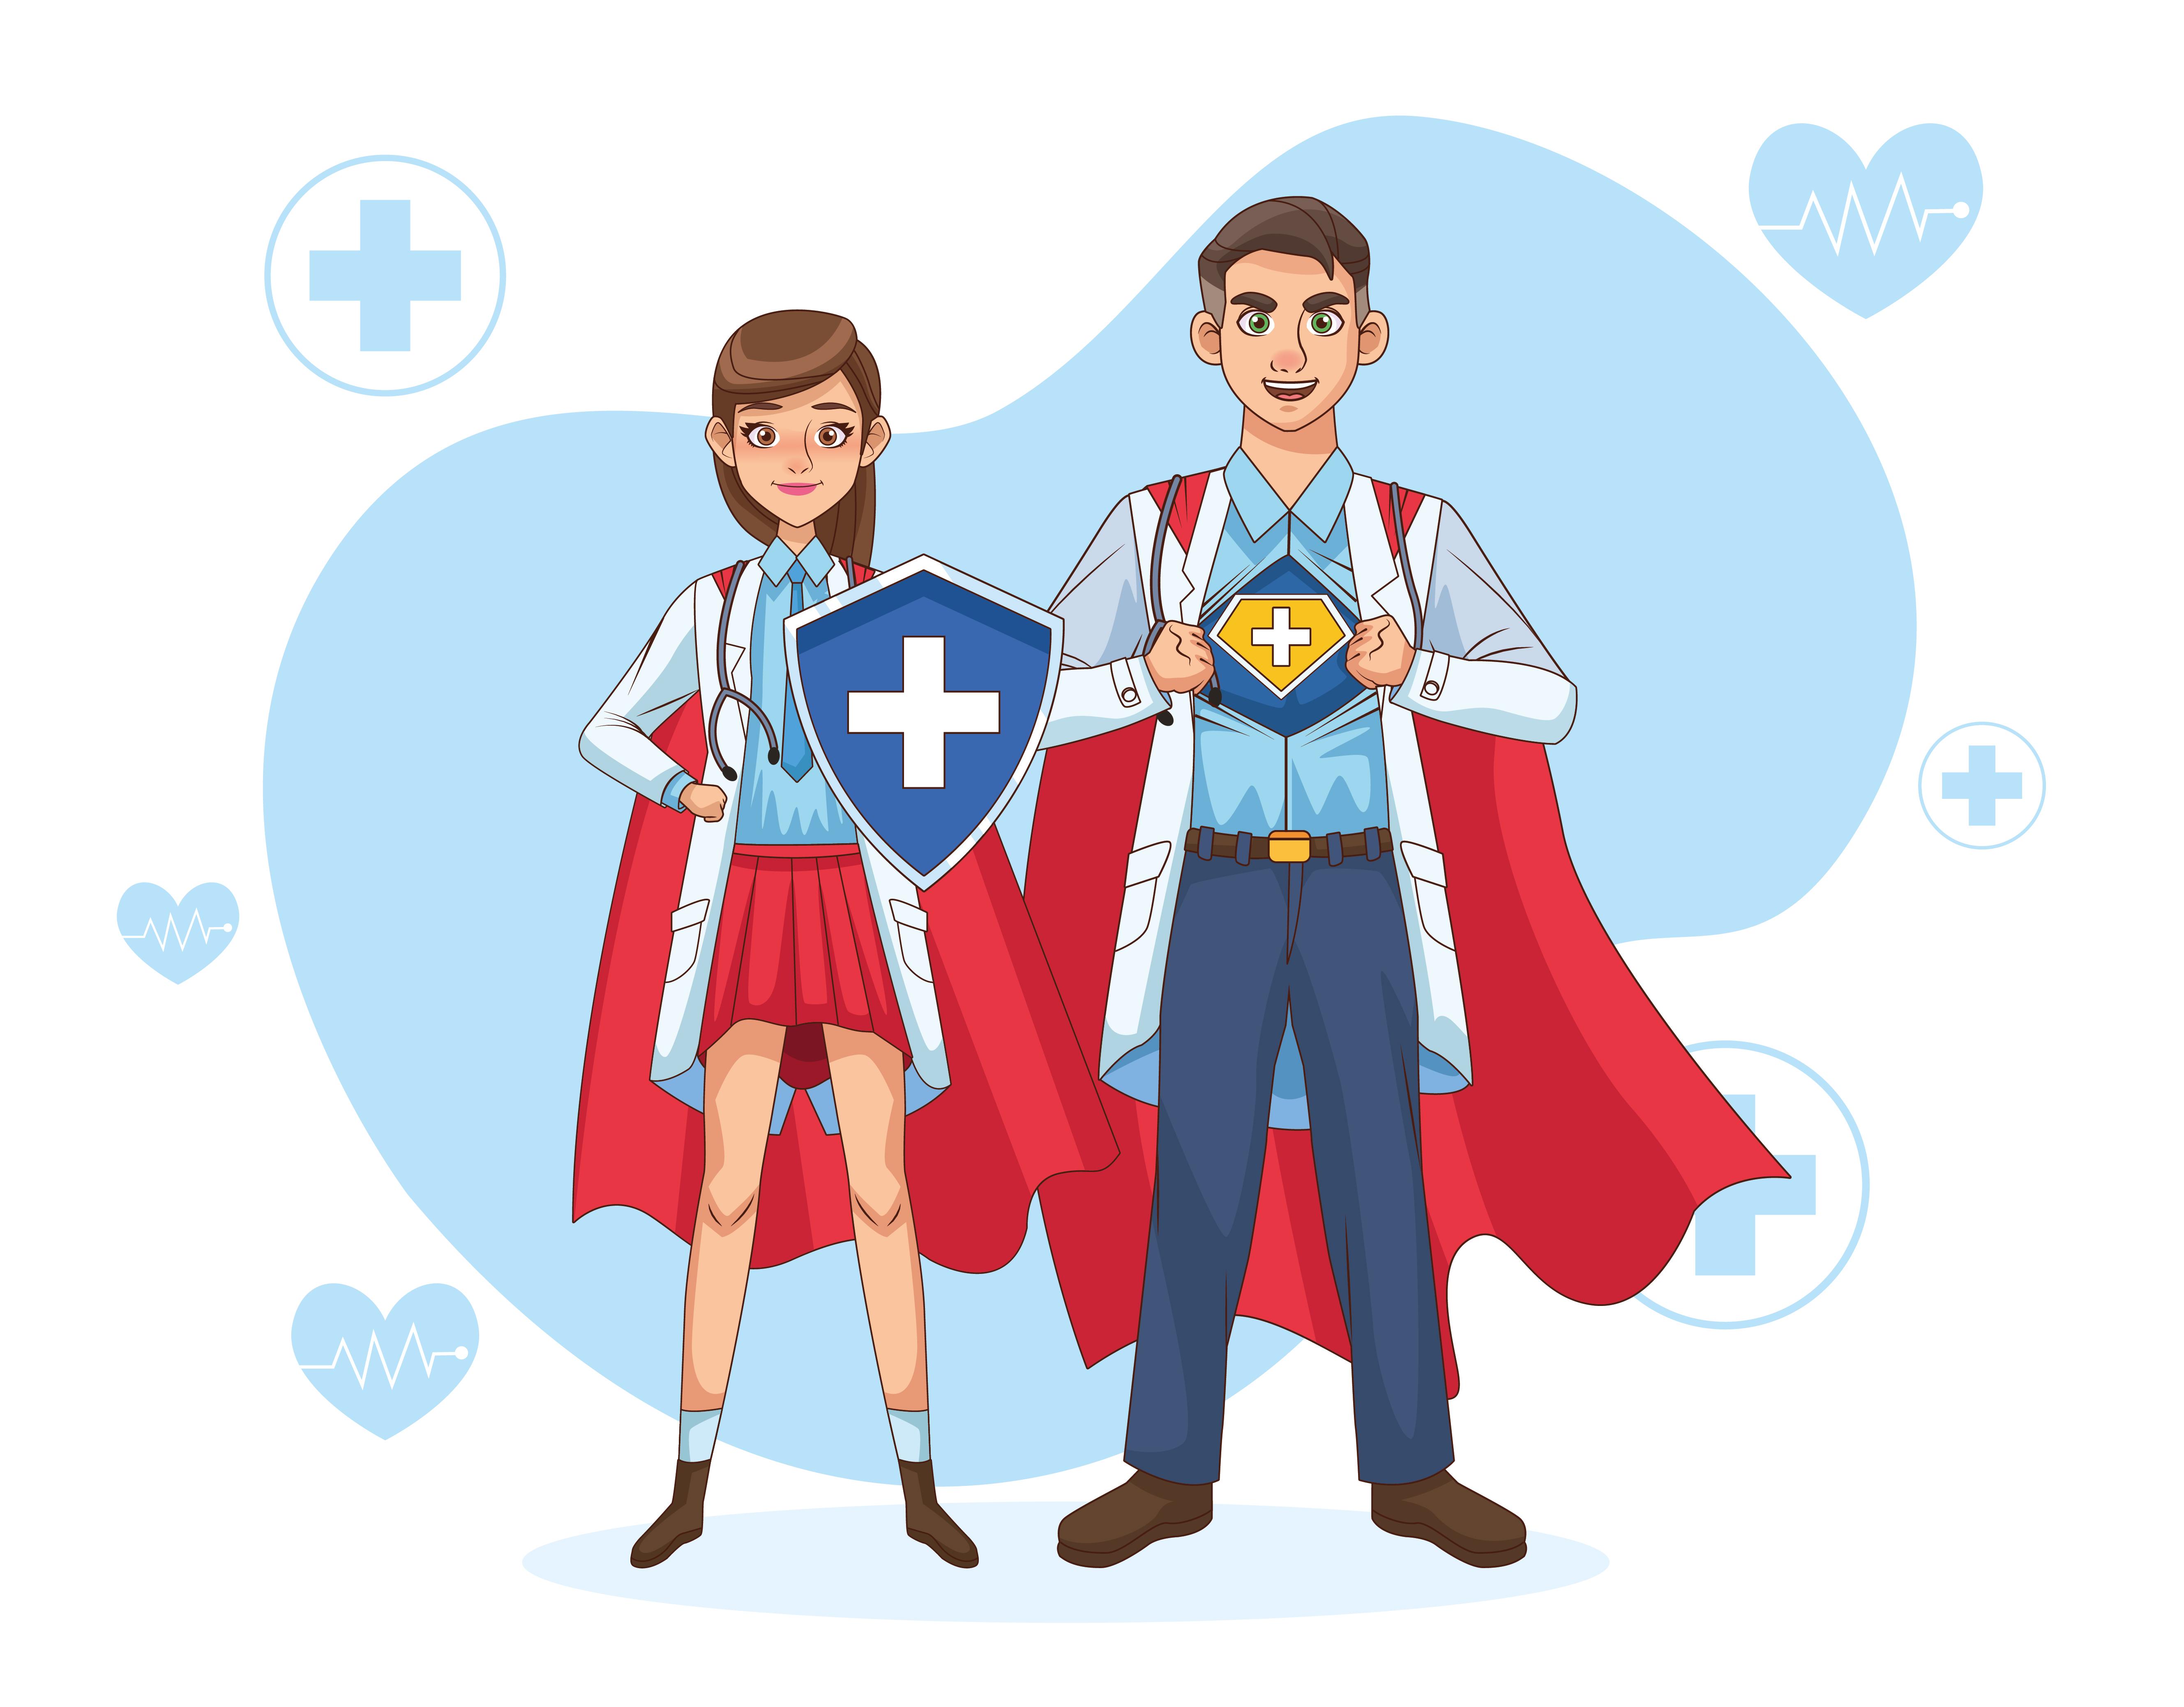 médicos con capa de héroe y escudo.